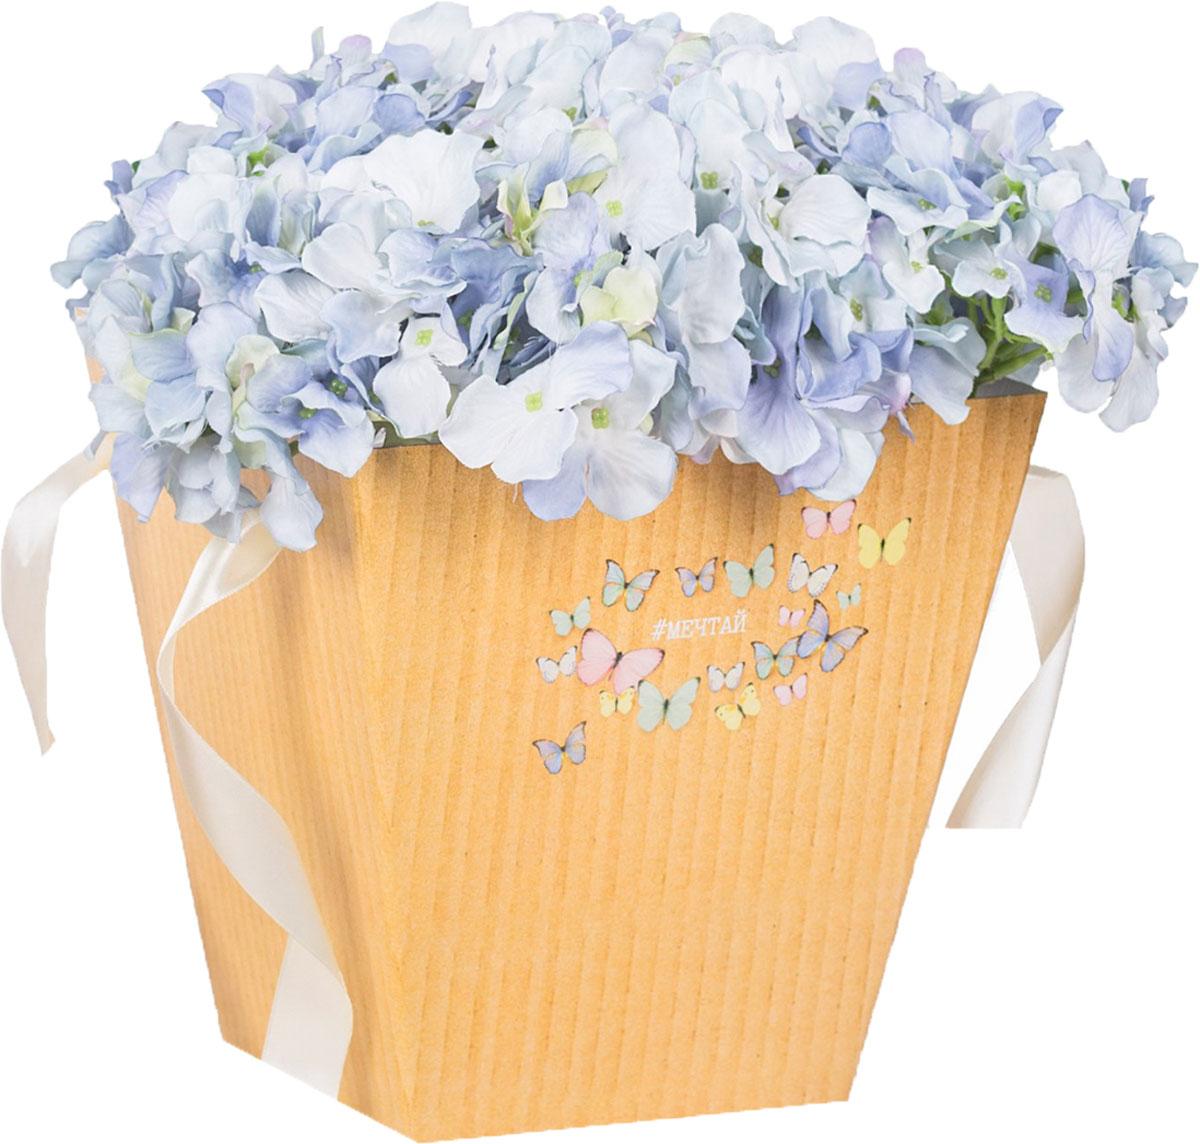 Коробка-трапеция Дарите Счастье Полёт бабочек, 23,6 х 24,5 х 15 см2878113Любой подарок начинается с упаковки. Что может быть трогательнее и волшебнее, чем ритуал разворачивания полученного презента. И именно оригинальная, со вкусом выбранная упаковка выделит ваш подарок из массы других. Она продемонстрирует самые тёплые чувства к виновнику торжества и создаст сказочную атмосферу праздника. Коробка — это то, что вы искали.